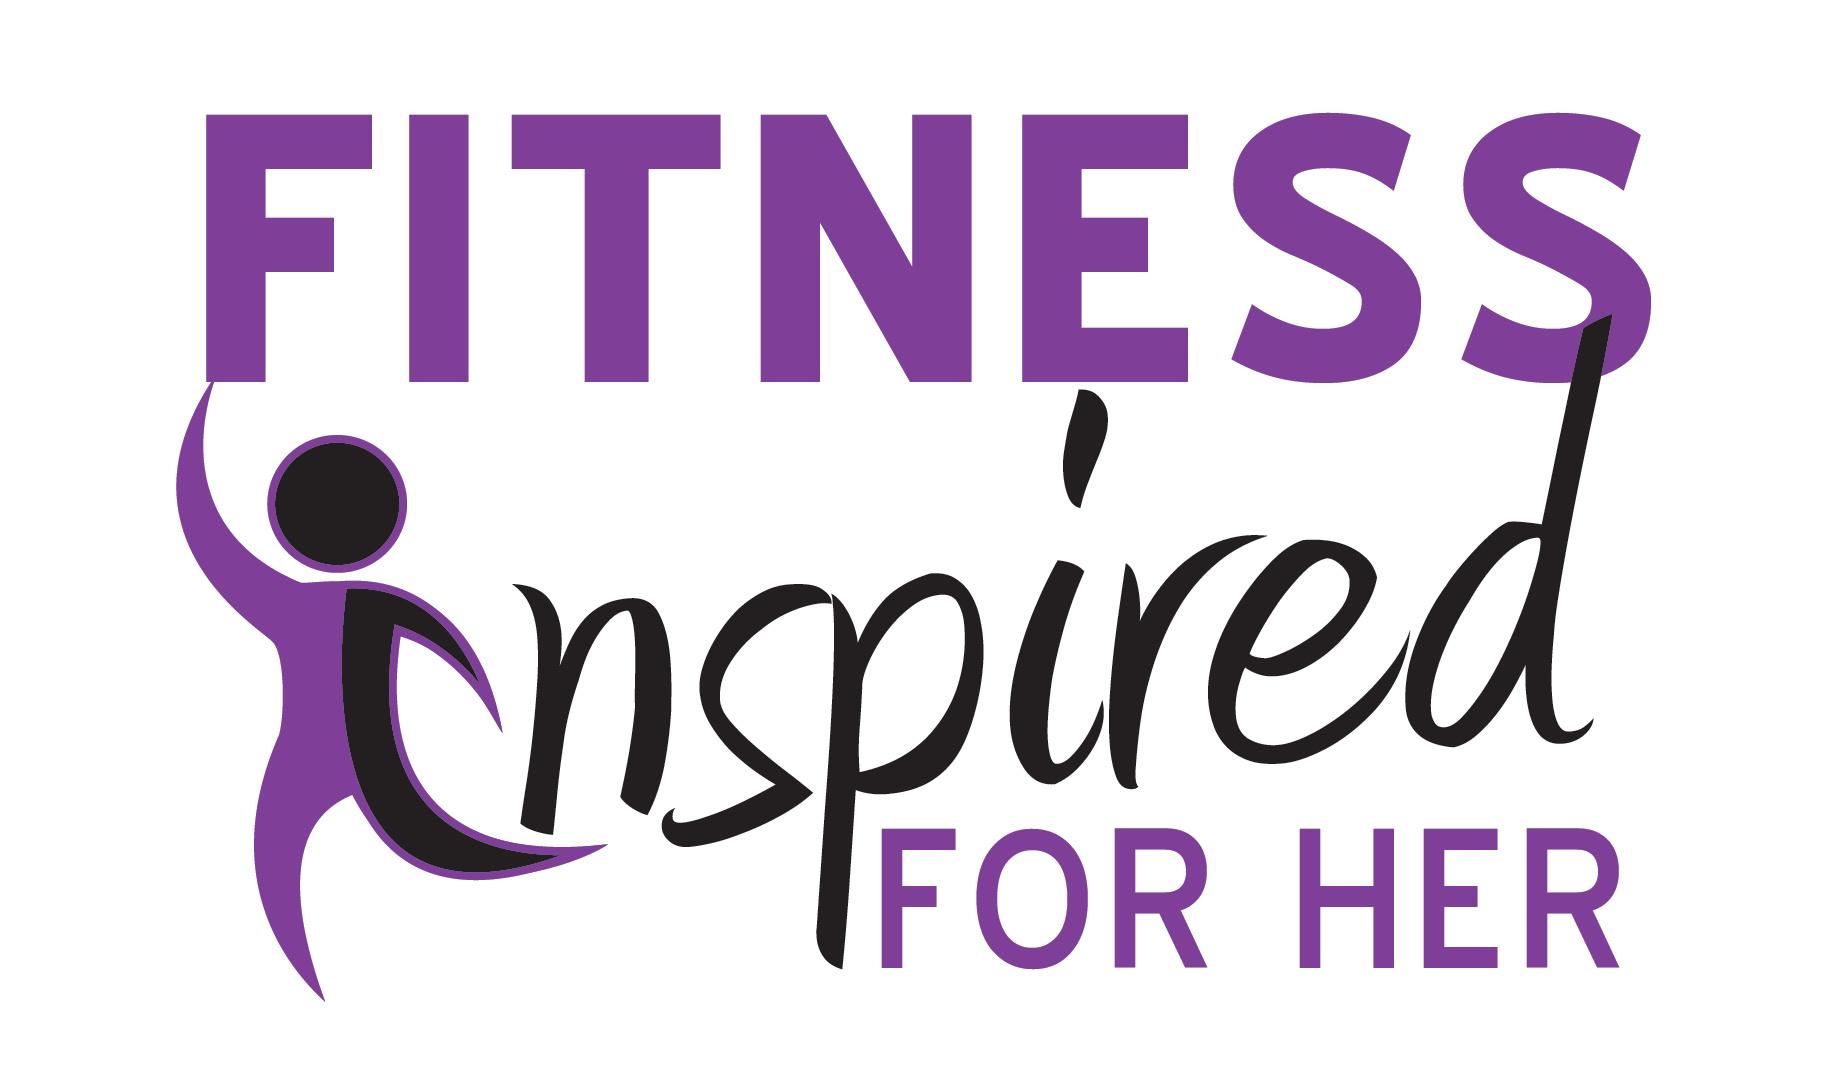 Fitness Inspired For Her - Logo.jpg